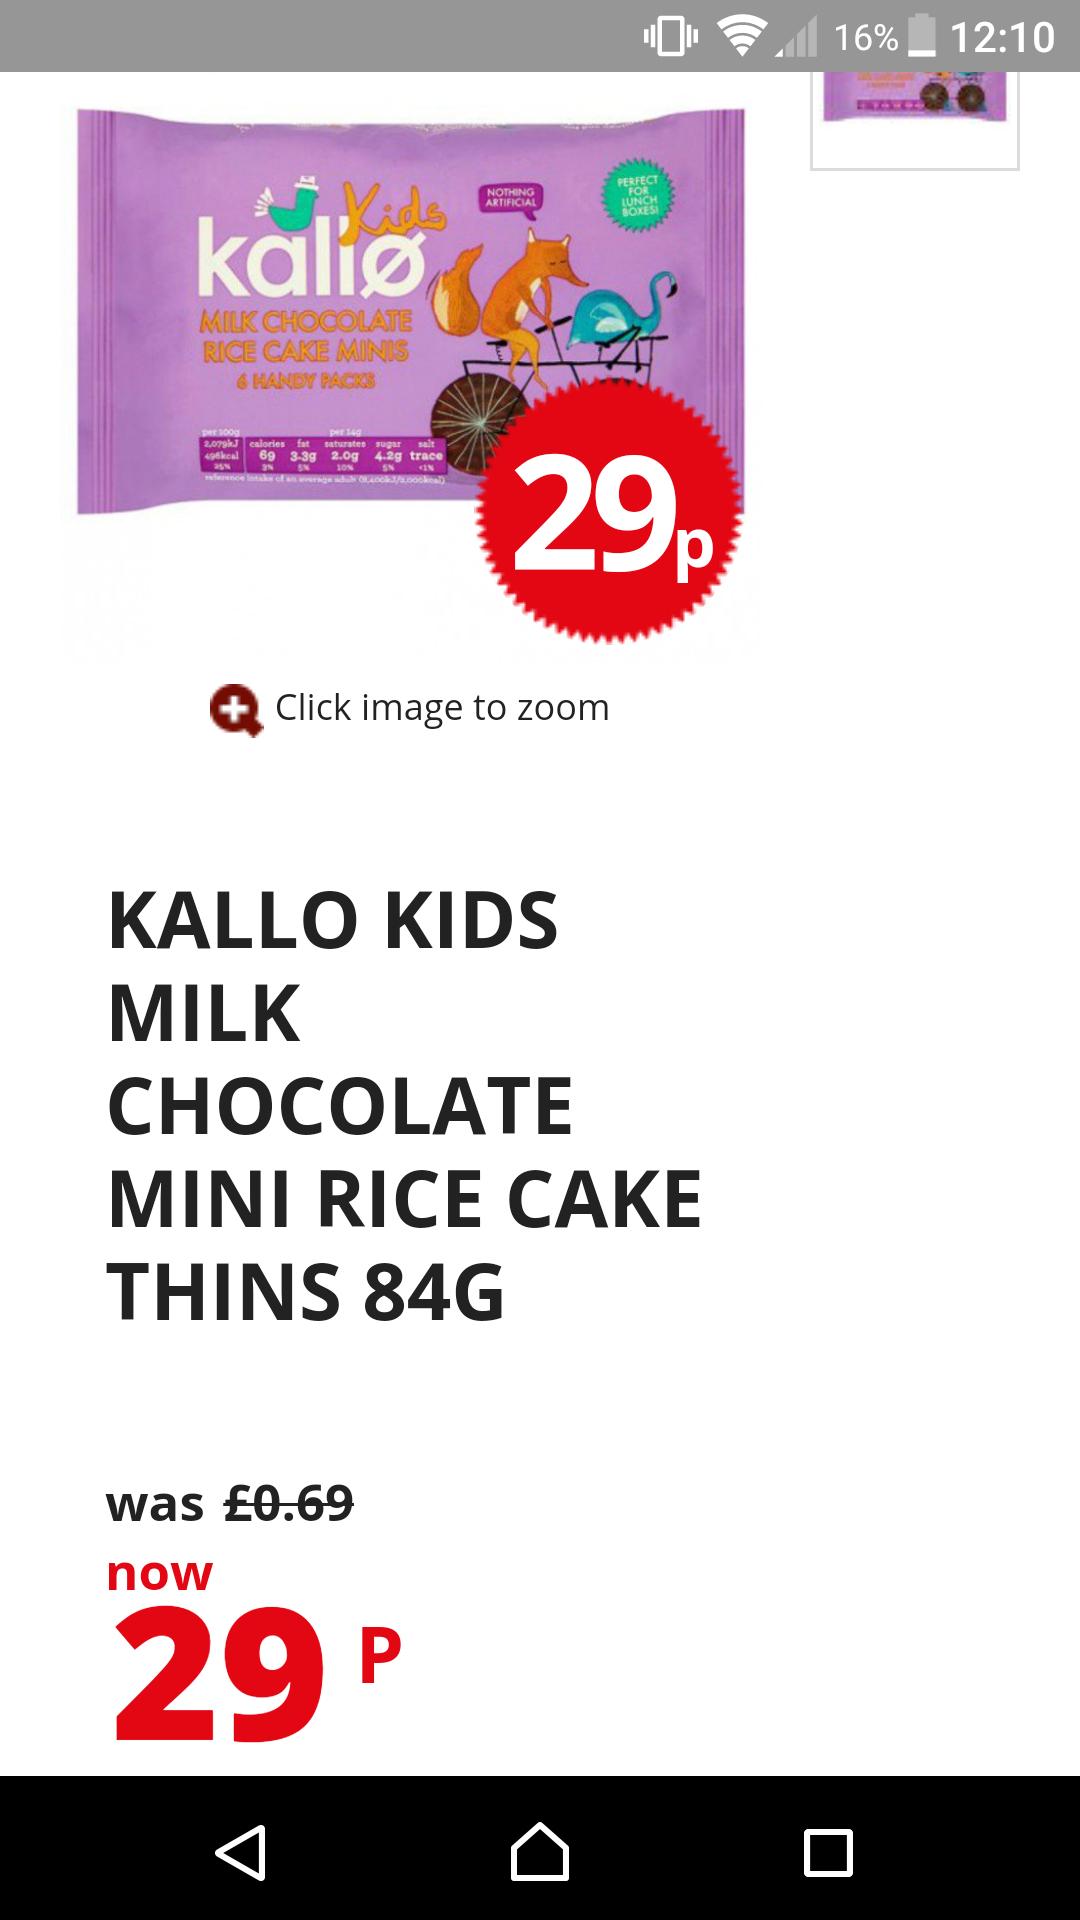 Kallo kids milk chocolate mini rice cake thins 84g was 69p now 29p @ poundstretcher